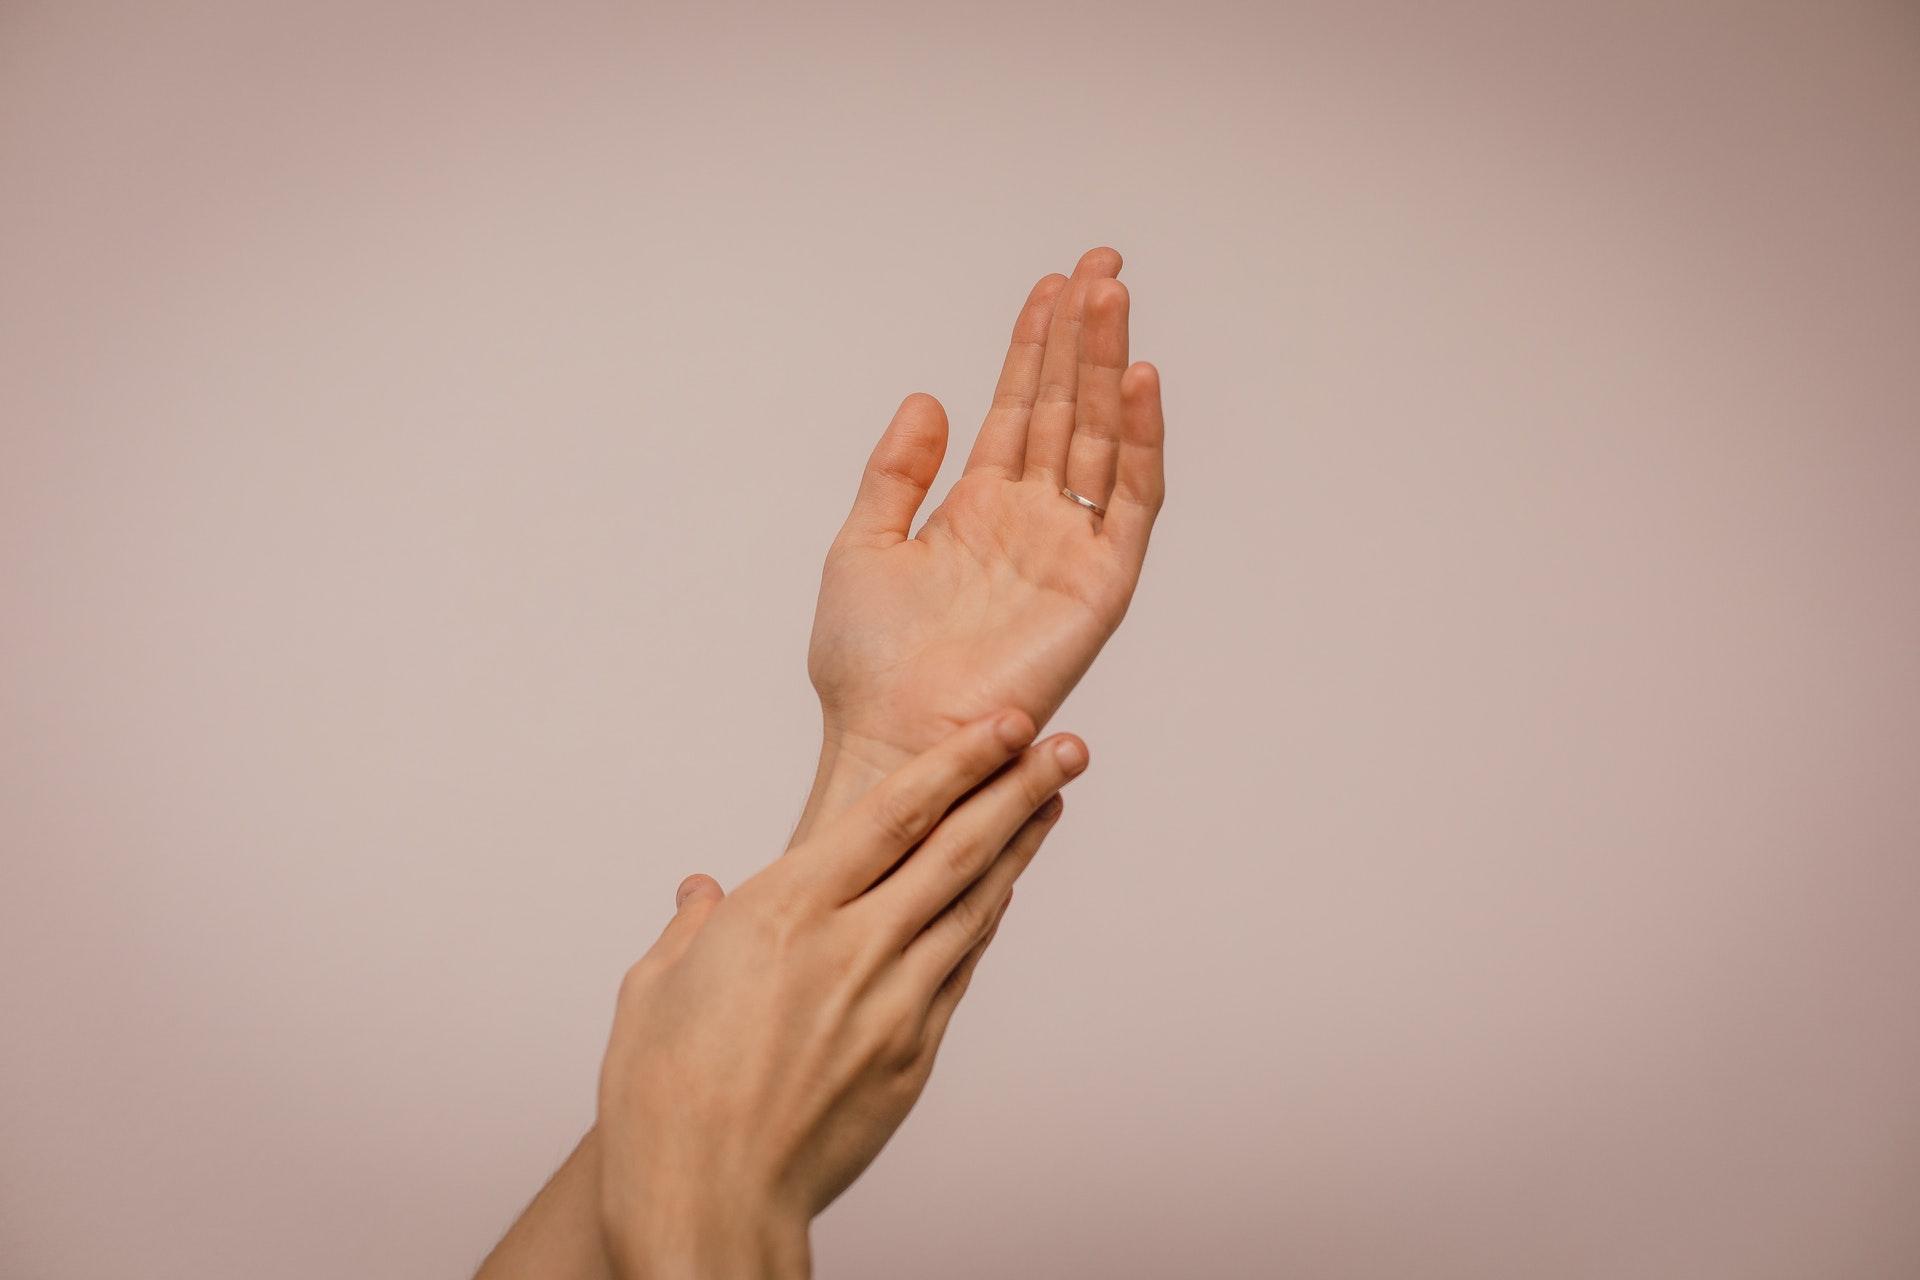 Mirror: изменение состояния ногтей  может быть признаком перенесенного COVID-19